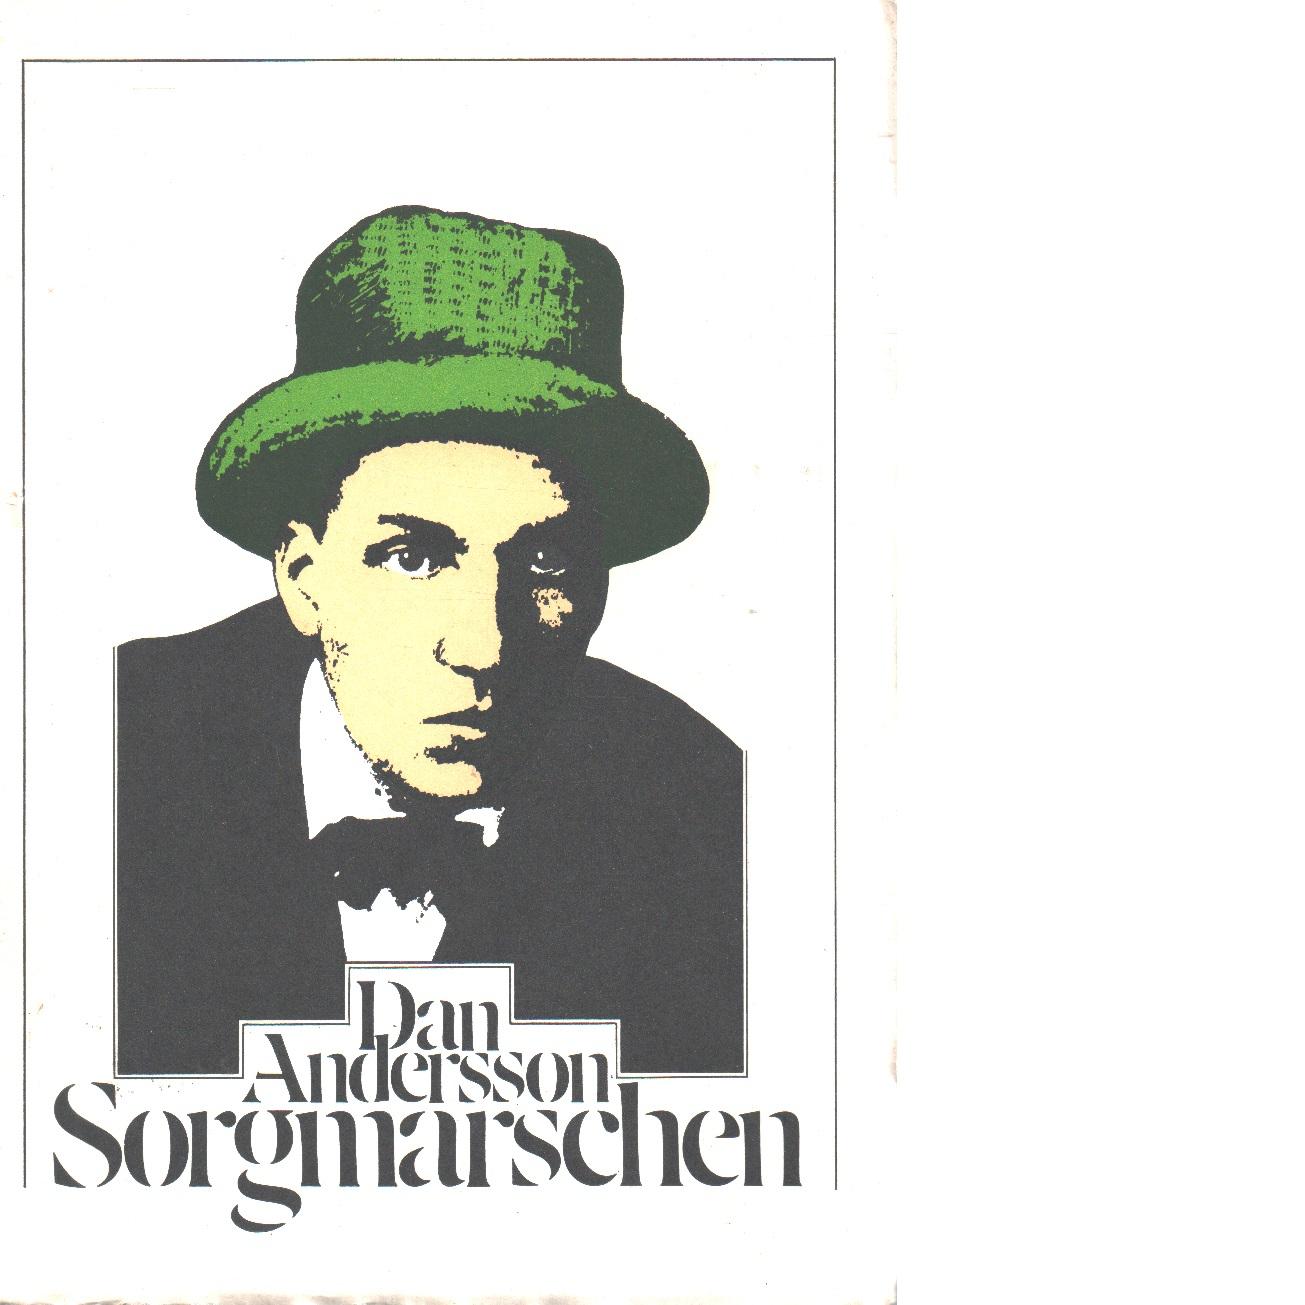 Sorgmarschen - Andersson, Dan